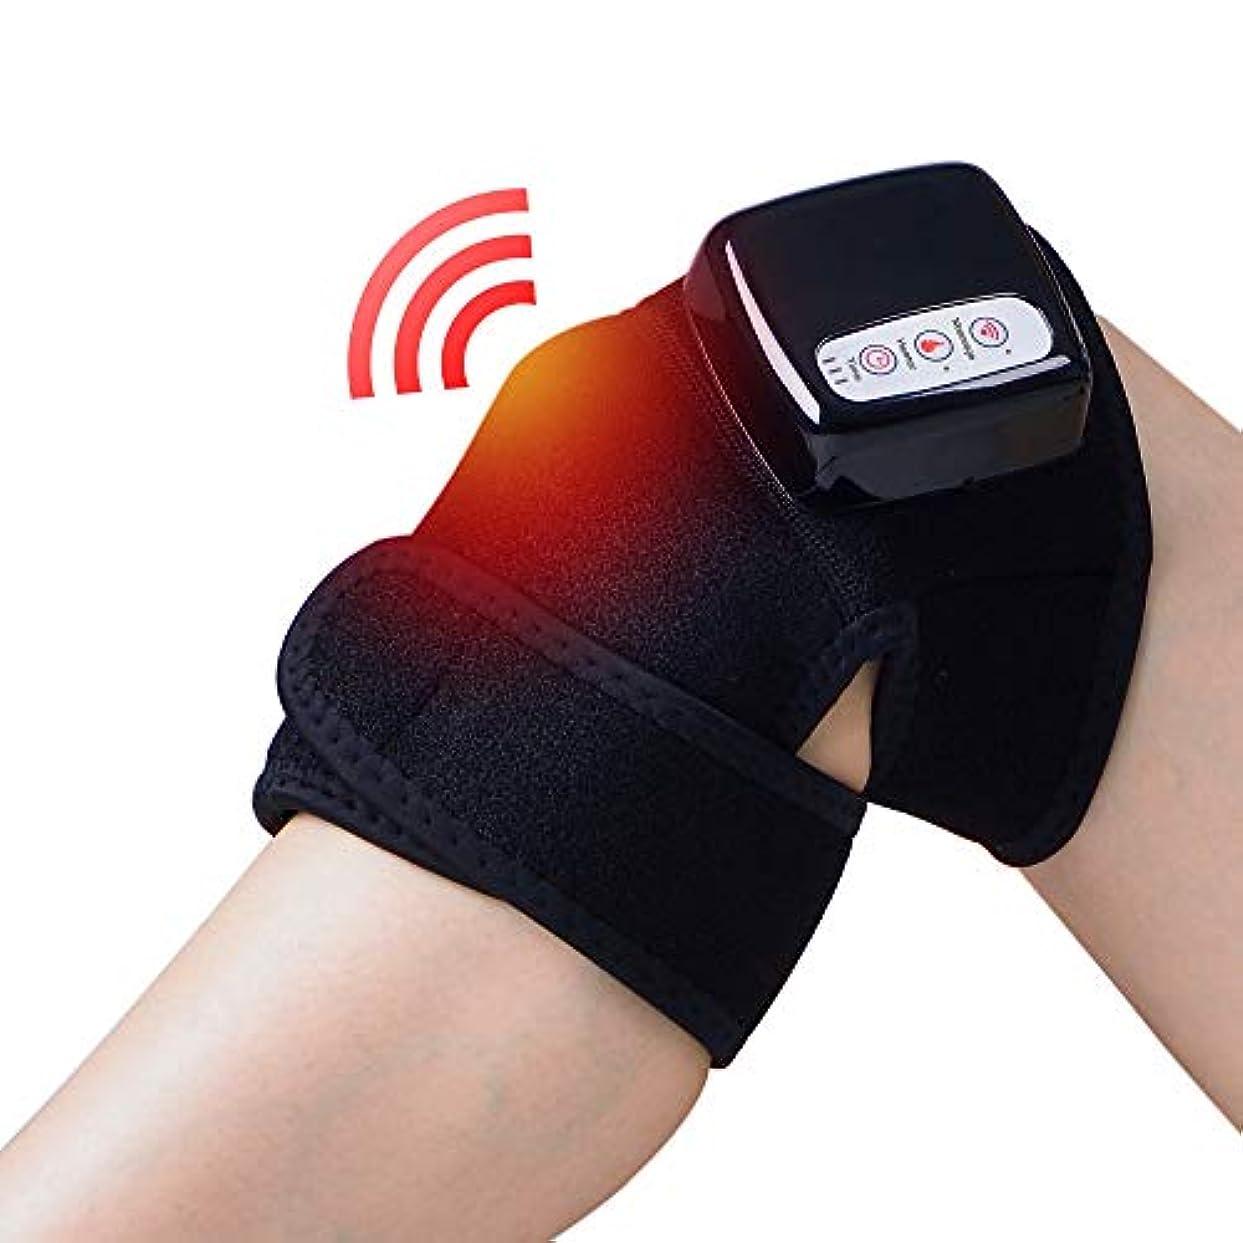 視力チョークタイピストChuangyue 膝関節加熱マッサージ マッサージ器 フットマッサージャー ひざ マッサージャー 振動 赤外線療法 温熱療法 膝サポーター ストレス解消 膝マット 太もも/腕対応